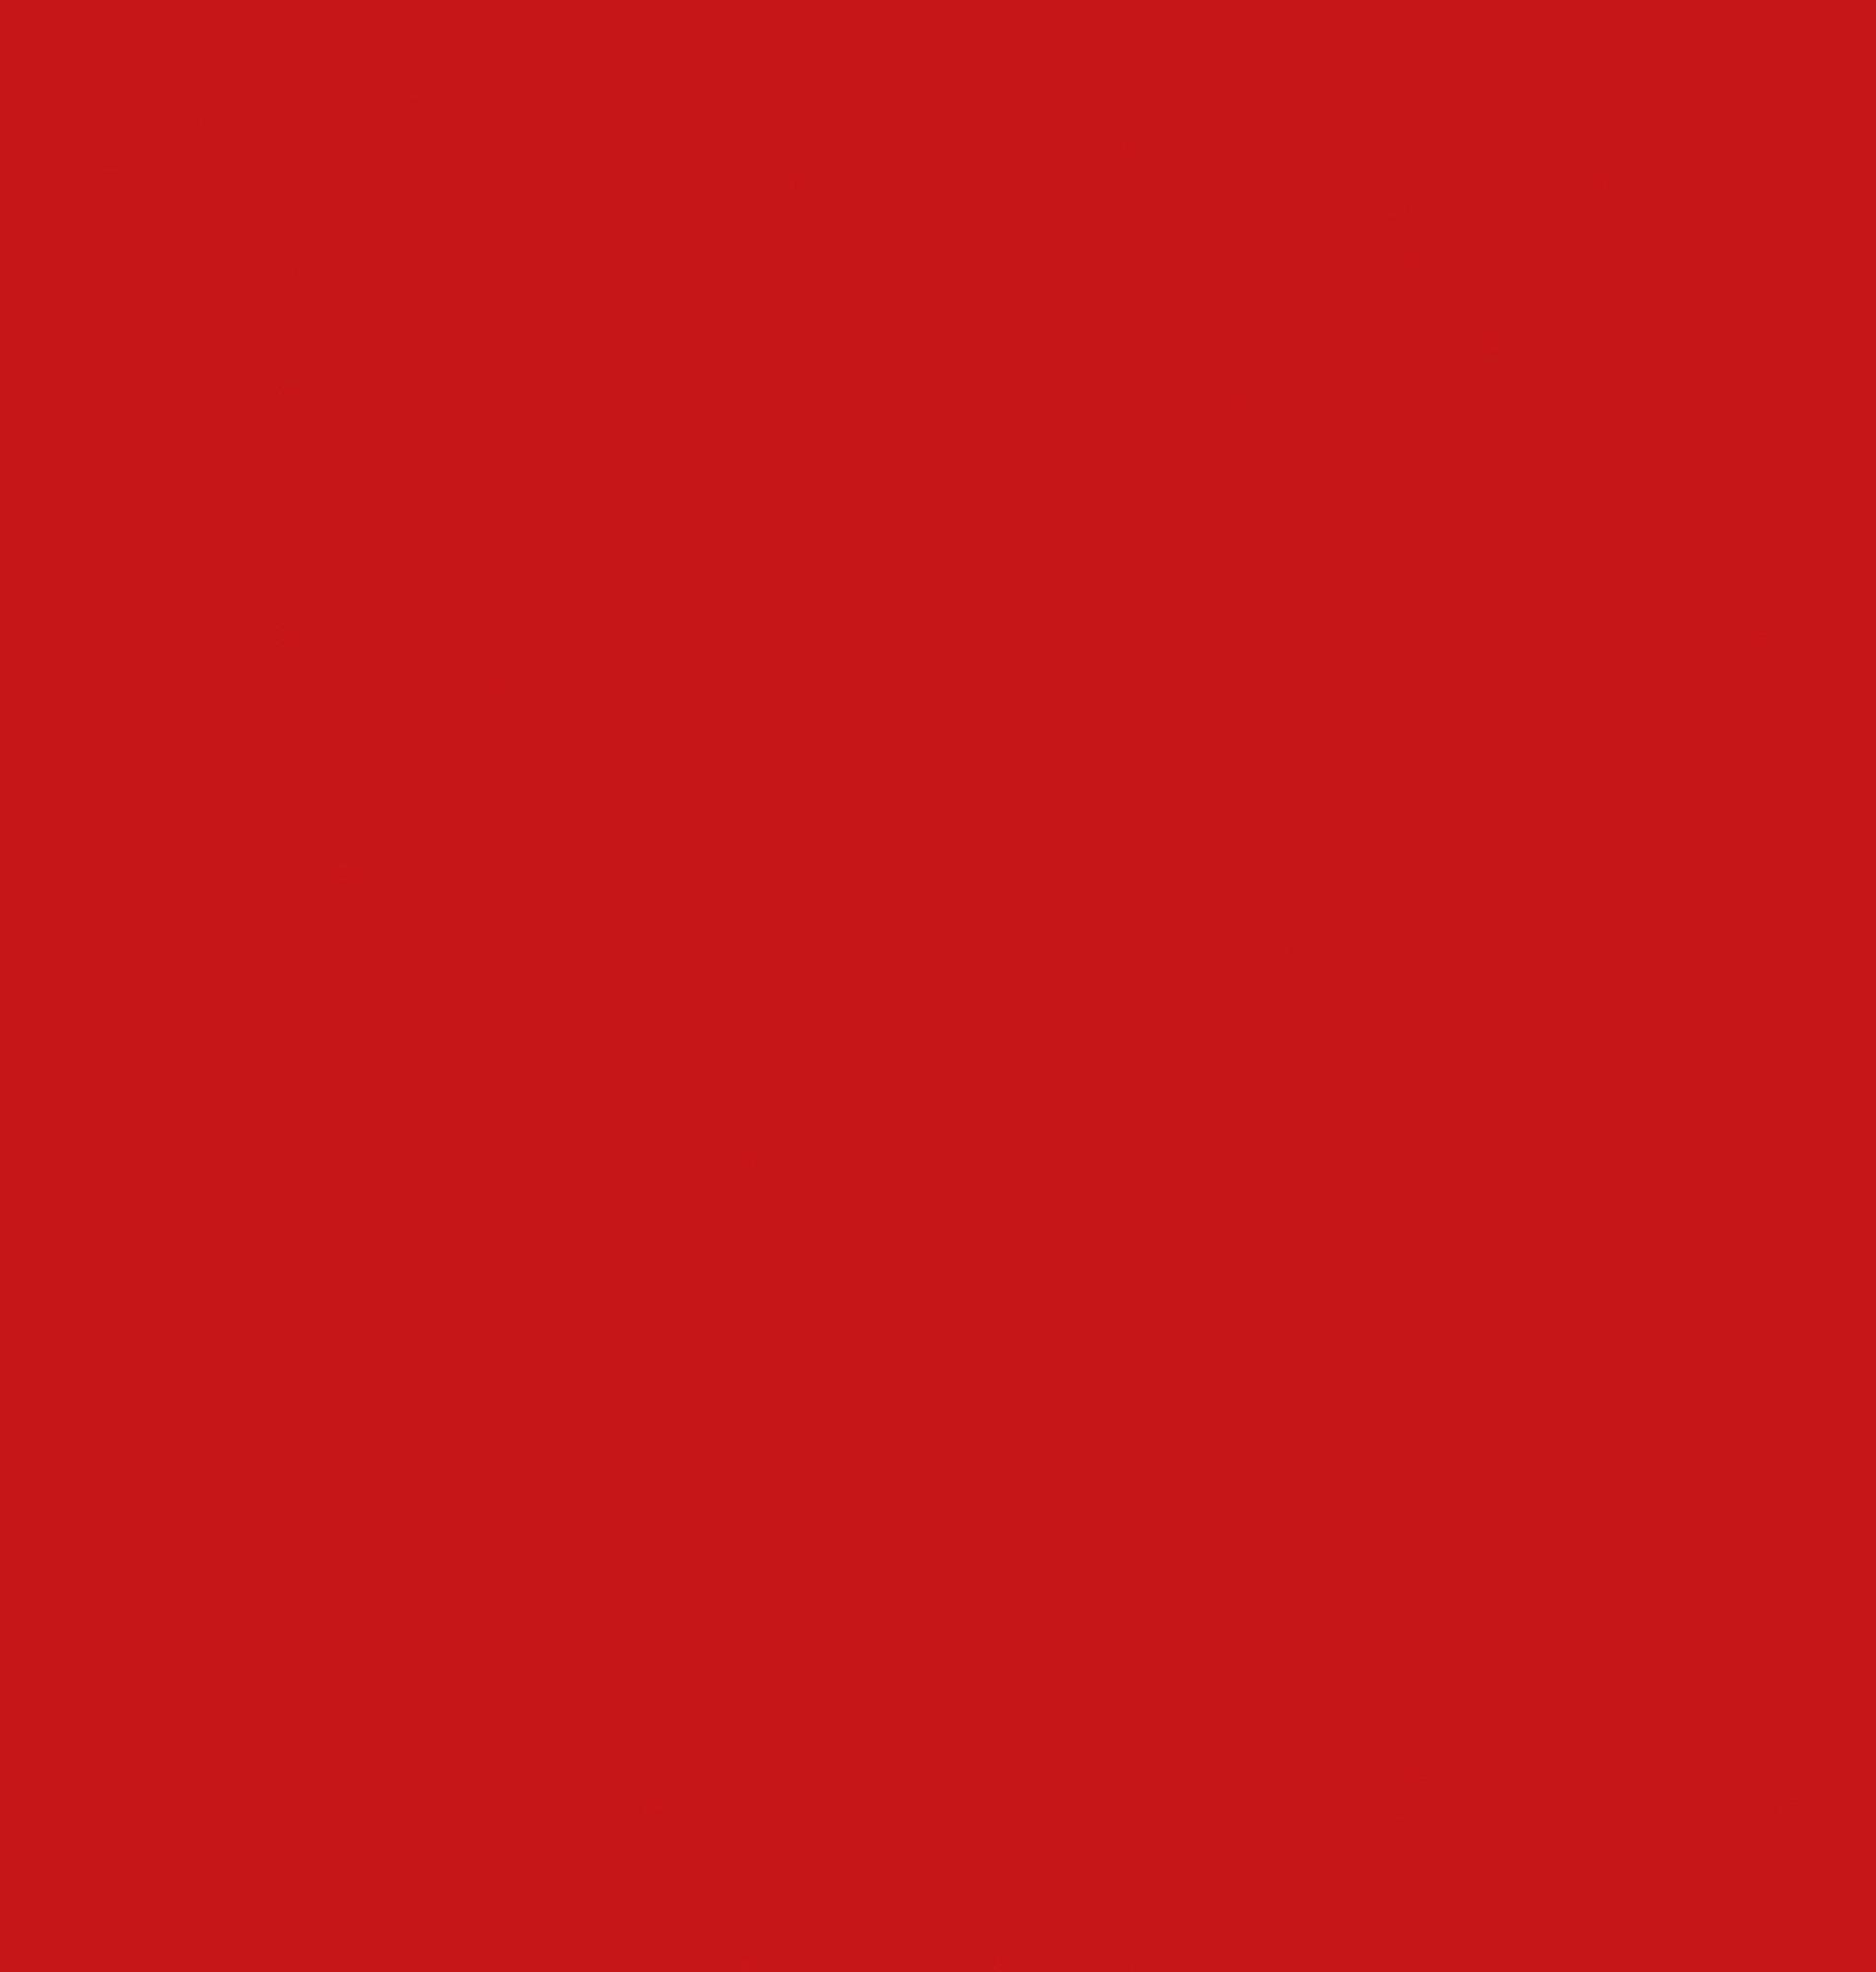 Tecido Malha Helanca Light 1,80 Mt Largura Vermelho Noel